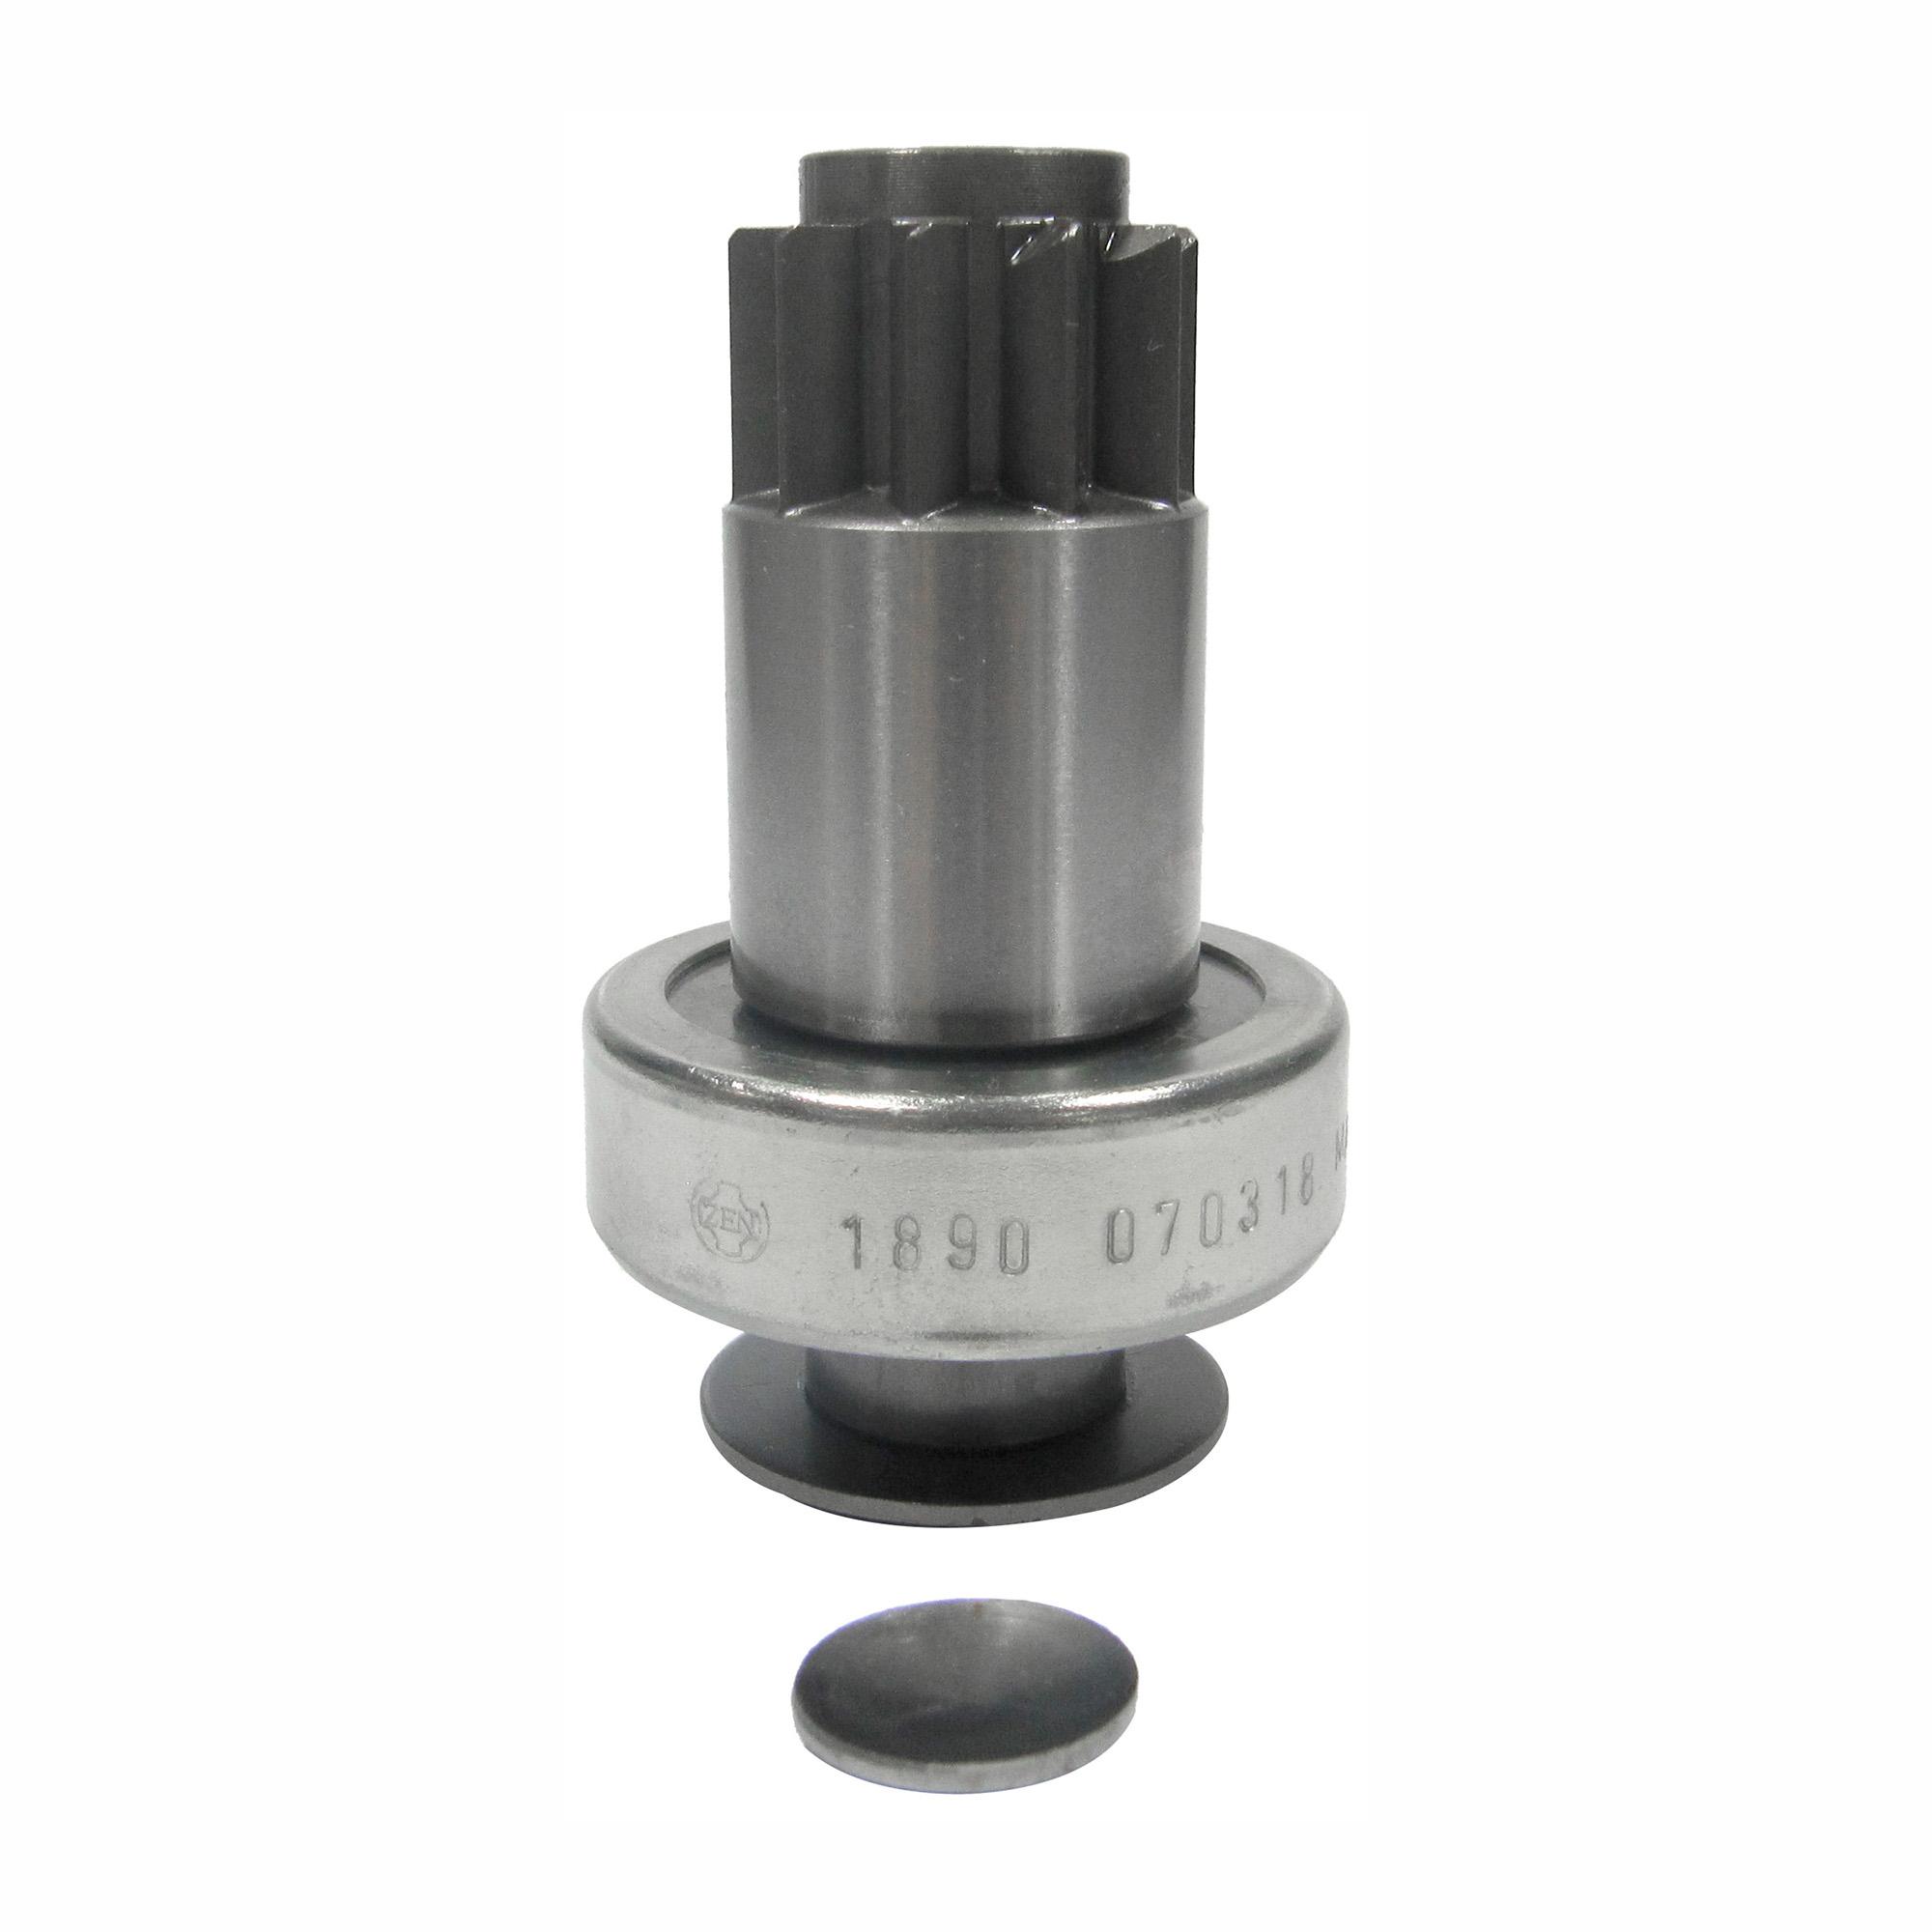 Bendix Motor de Partida AUDI GOLF POLO - 10 Dentes (ZEN1890)